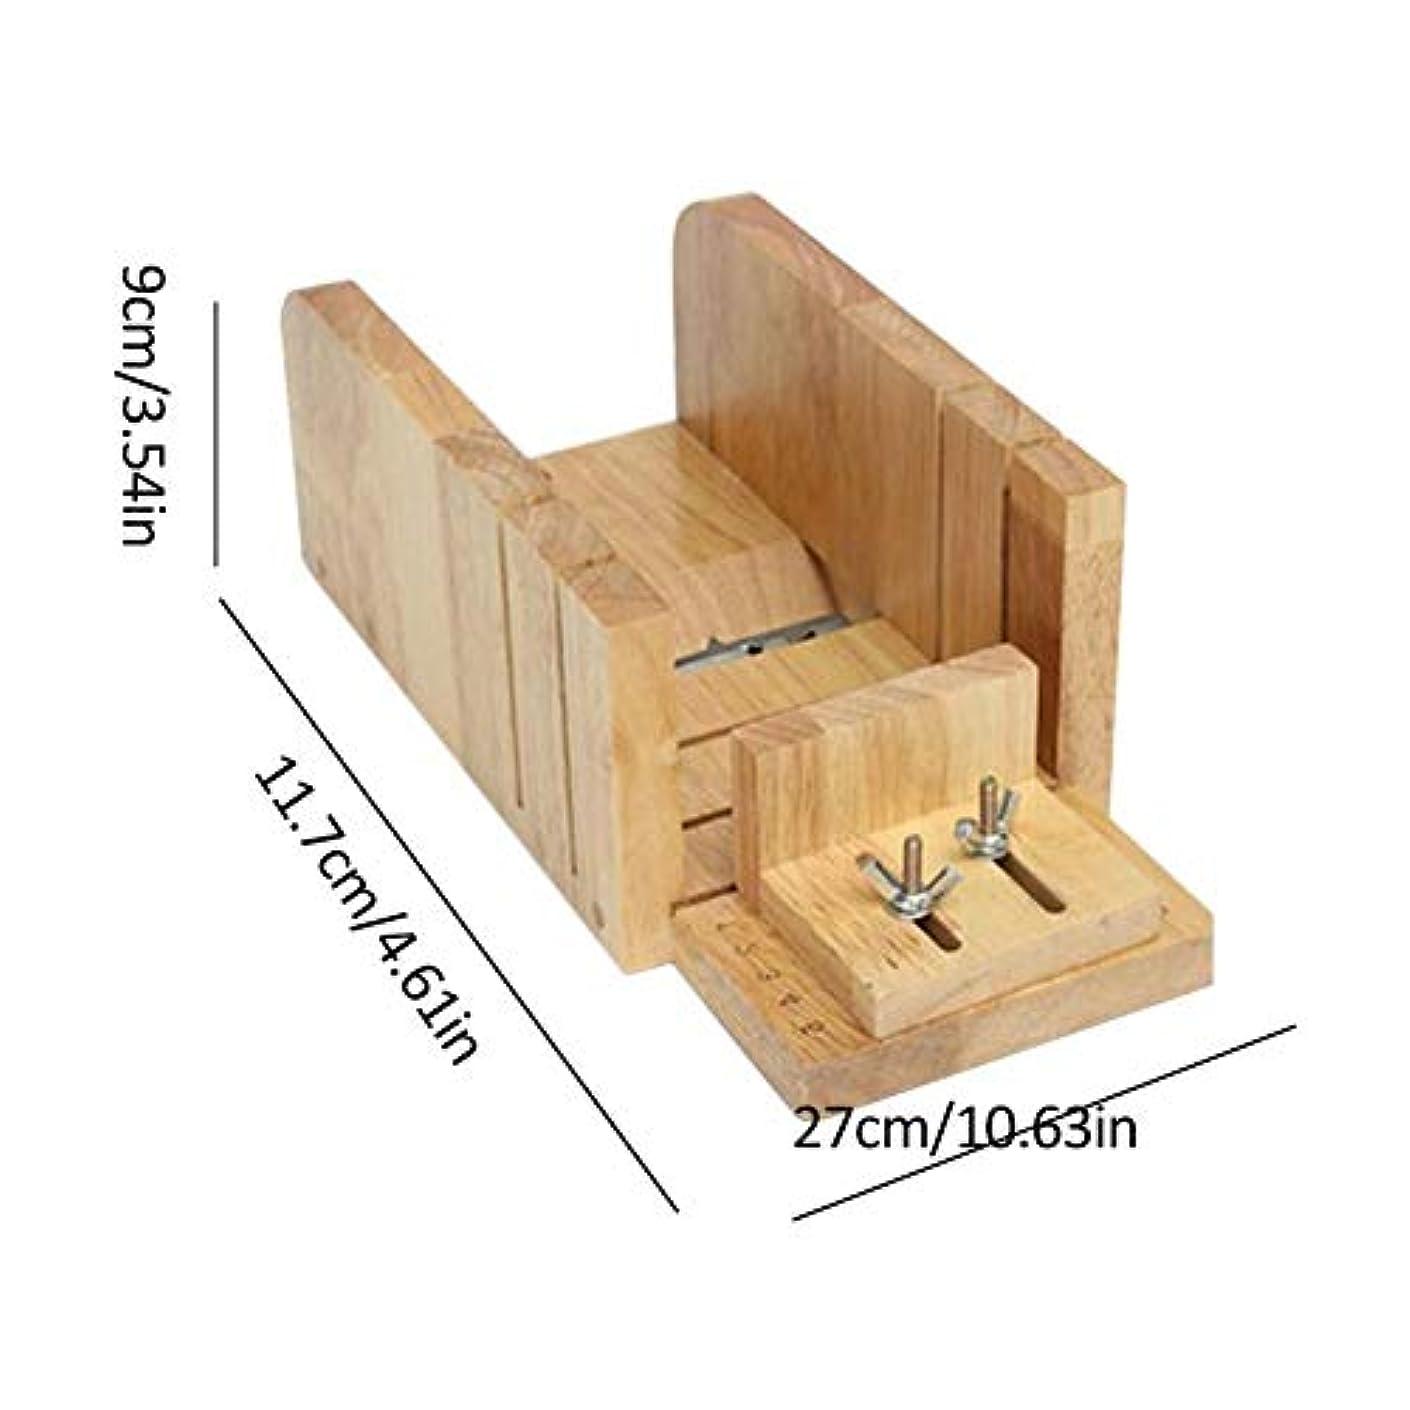 不変飛躍仕える3点セット ソープカッター 石けん金型ソープロープ カッター 木製 カッター ツールDIY 手作り 木製ボックス松木製 ストレートソープ包丁 ナイフ モールドソープ調整可能レトロ